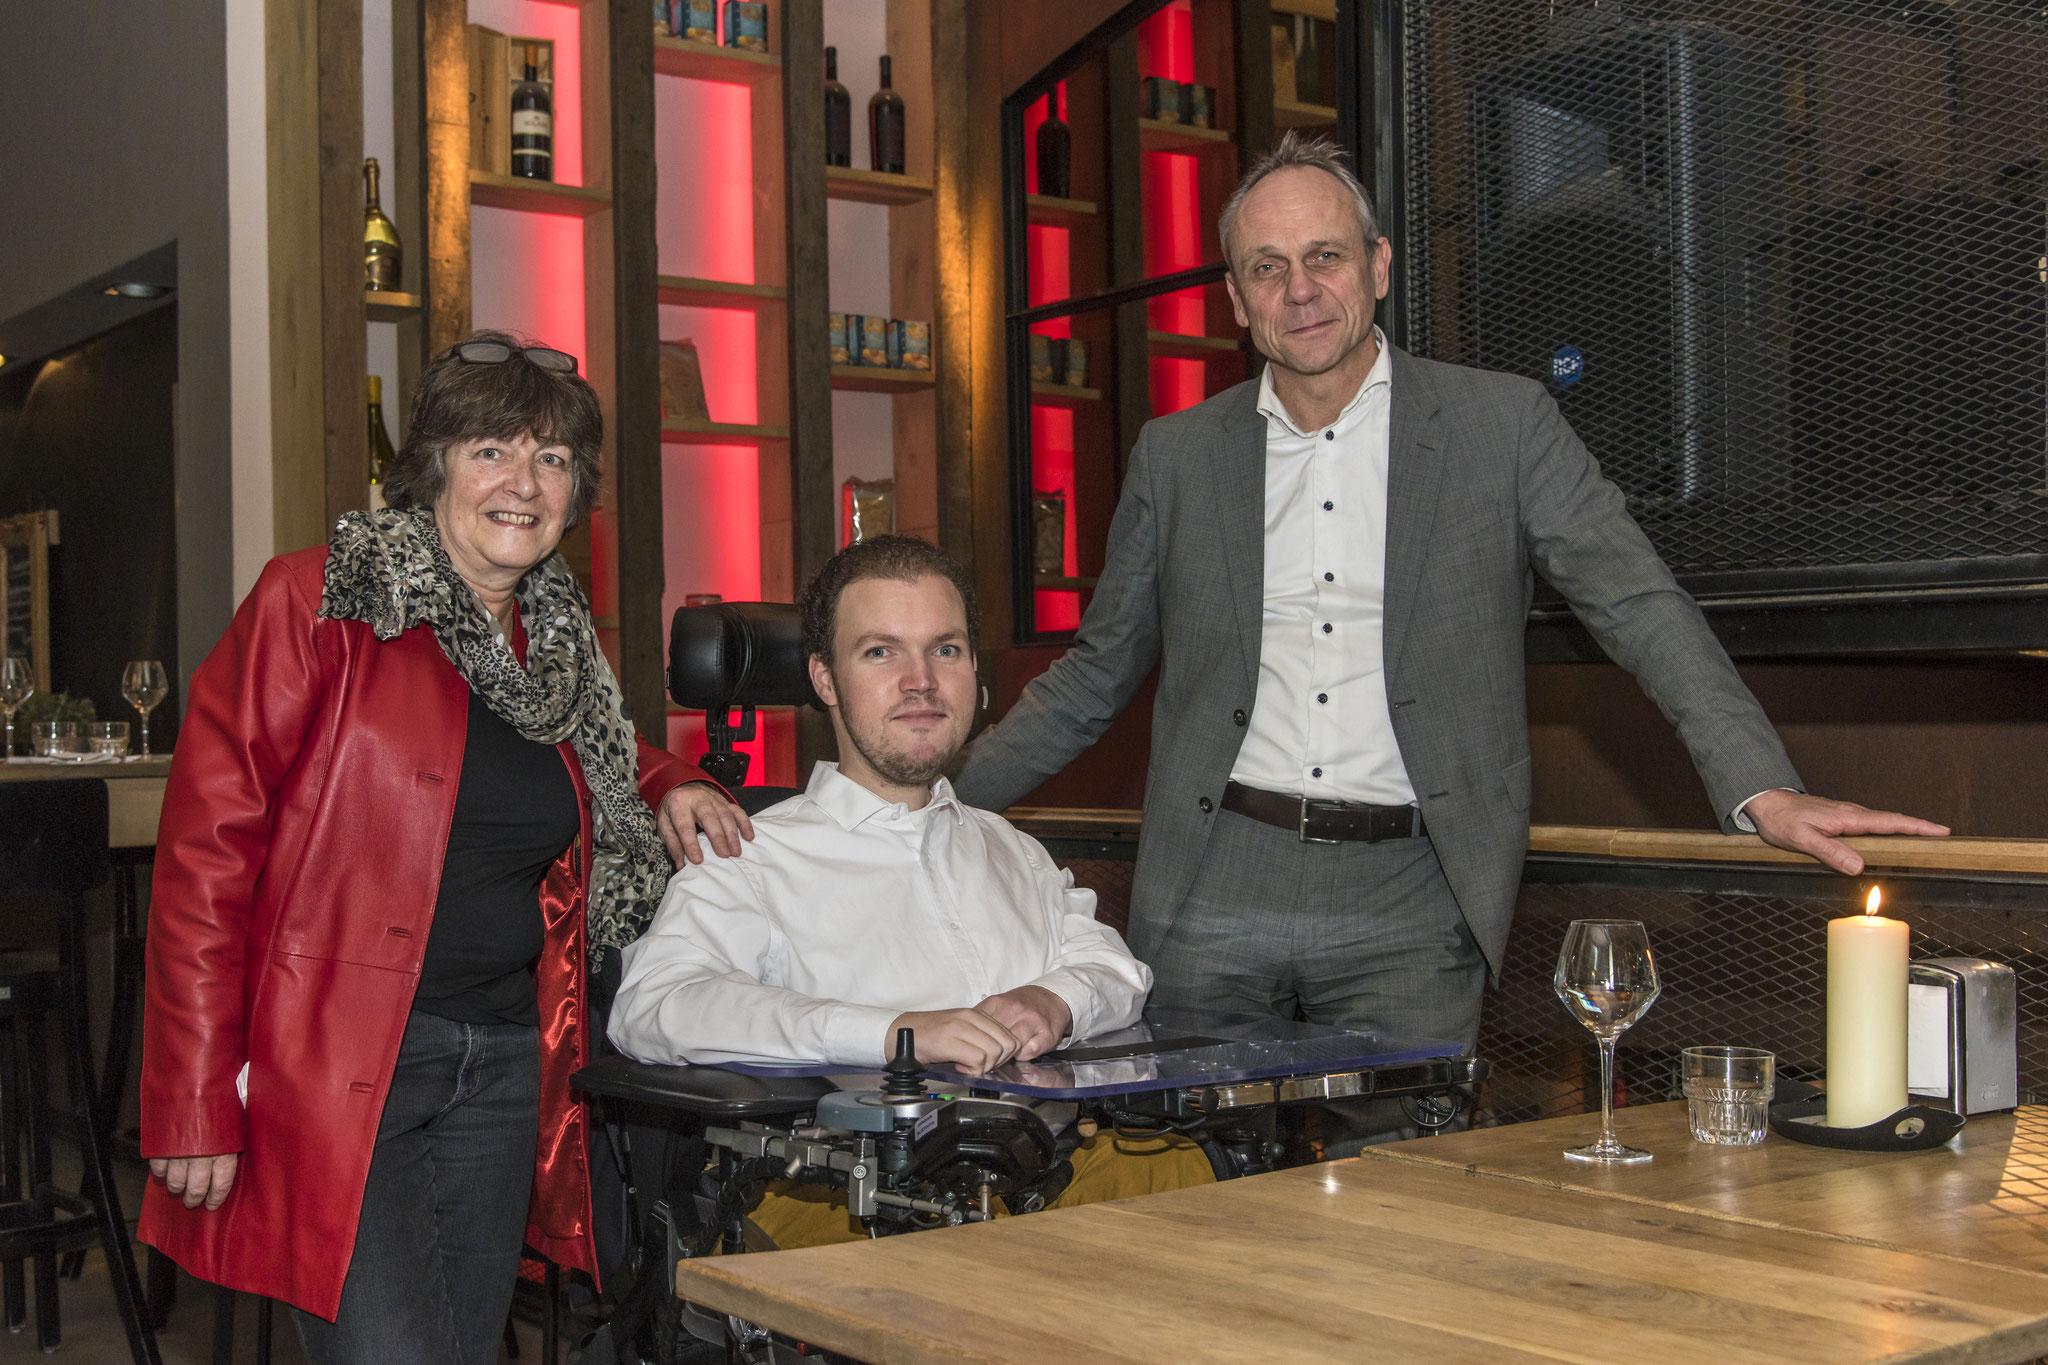 Foto gemaakt bij de ondertekening van de intentieovereenkomst 20 dec. 2017. Van links naar rechts: Loes van Groningen & Martijn van Rees (GewoonWonen), en Christoffel Klap (Ons Doel). Foto is gemaakt door bureau JP